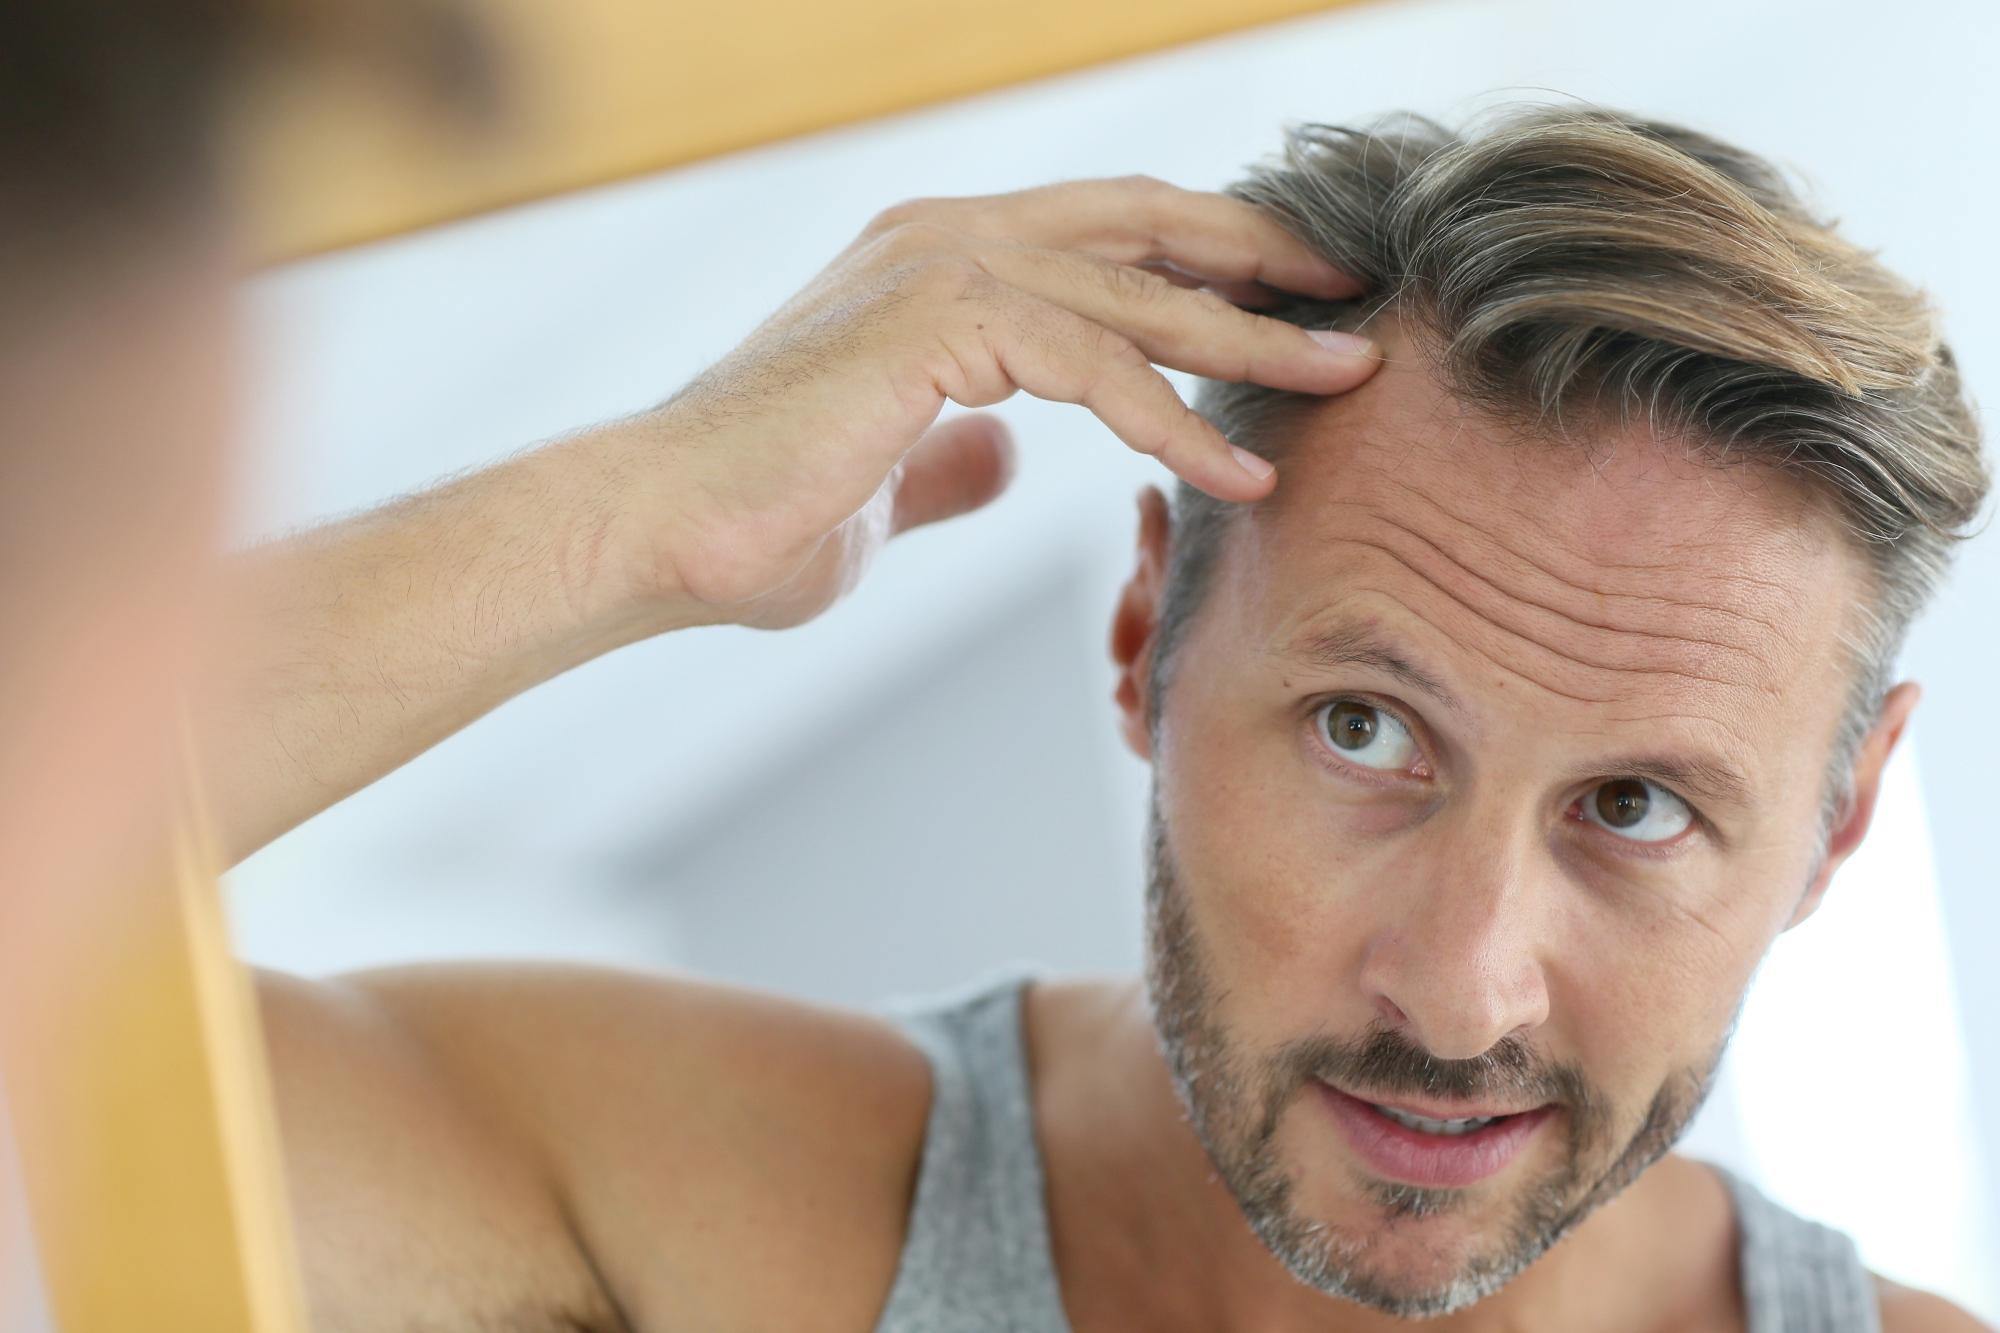 Выпадают волосы к кому обратиться из врачей